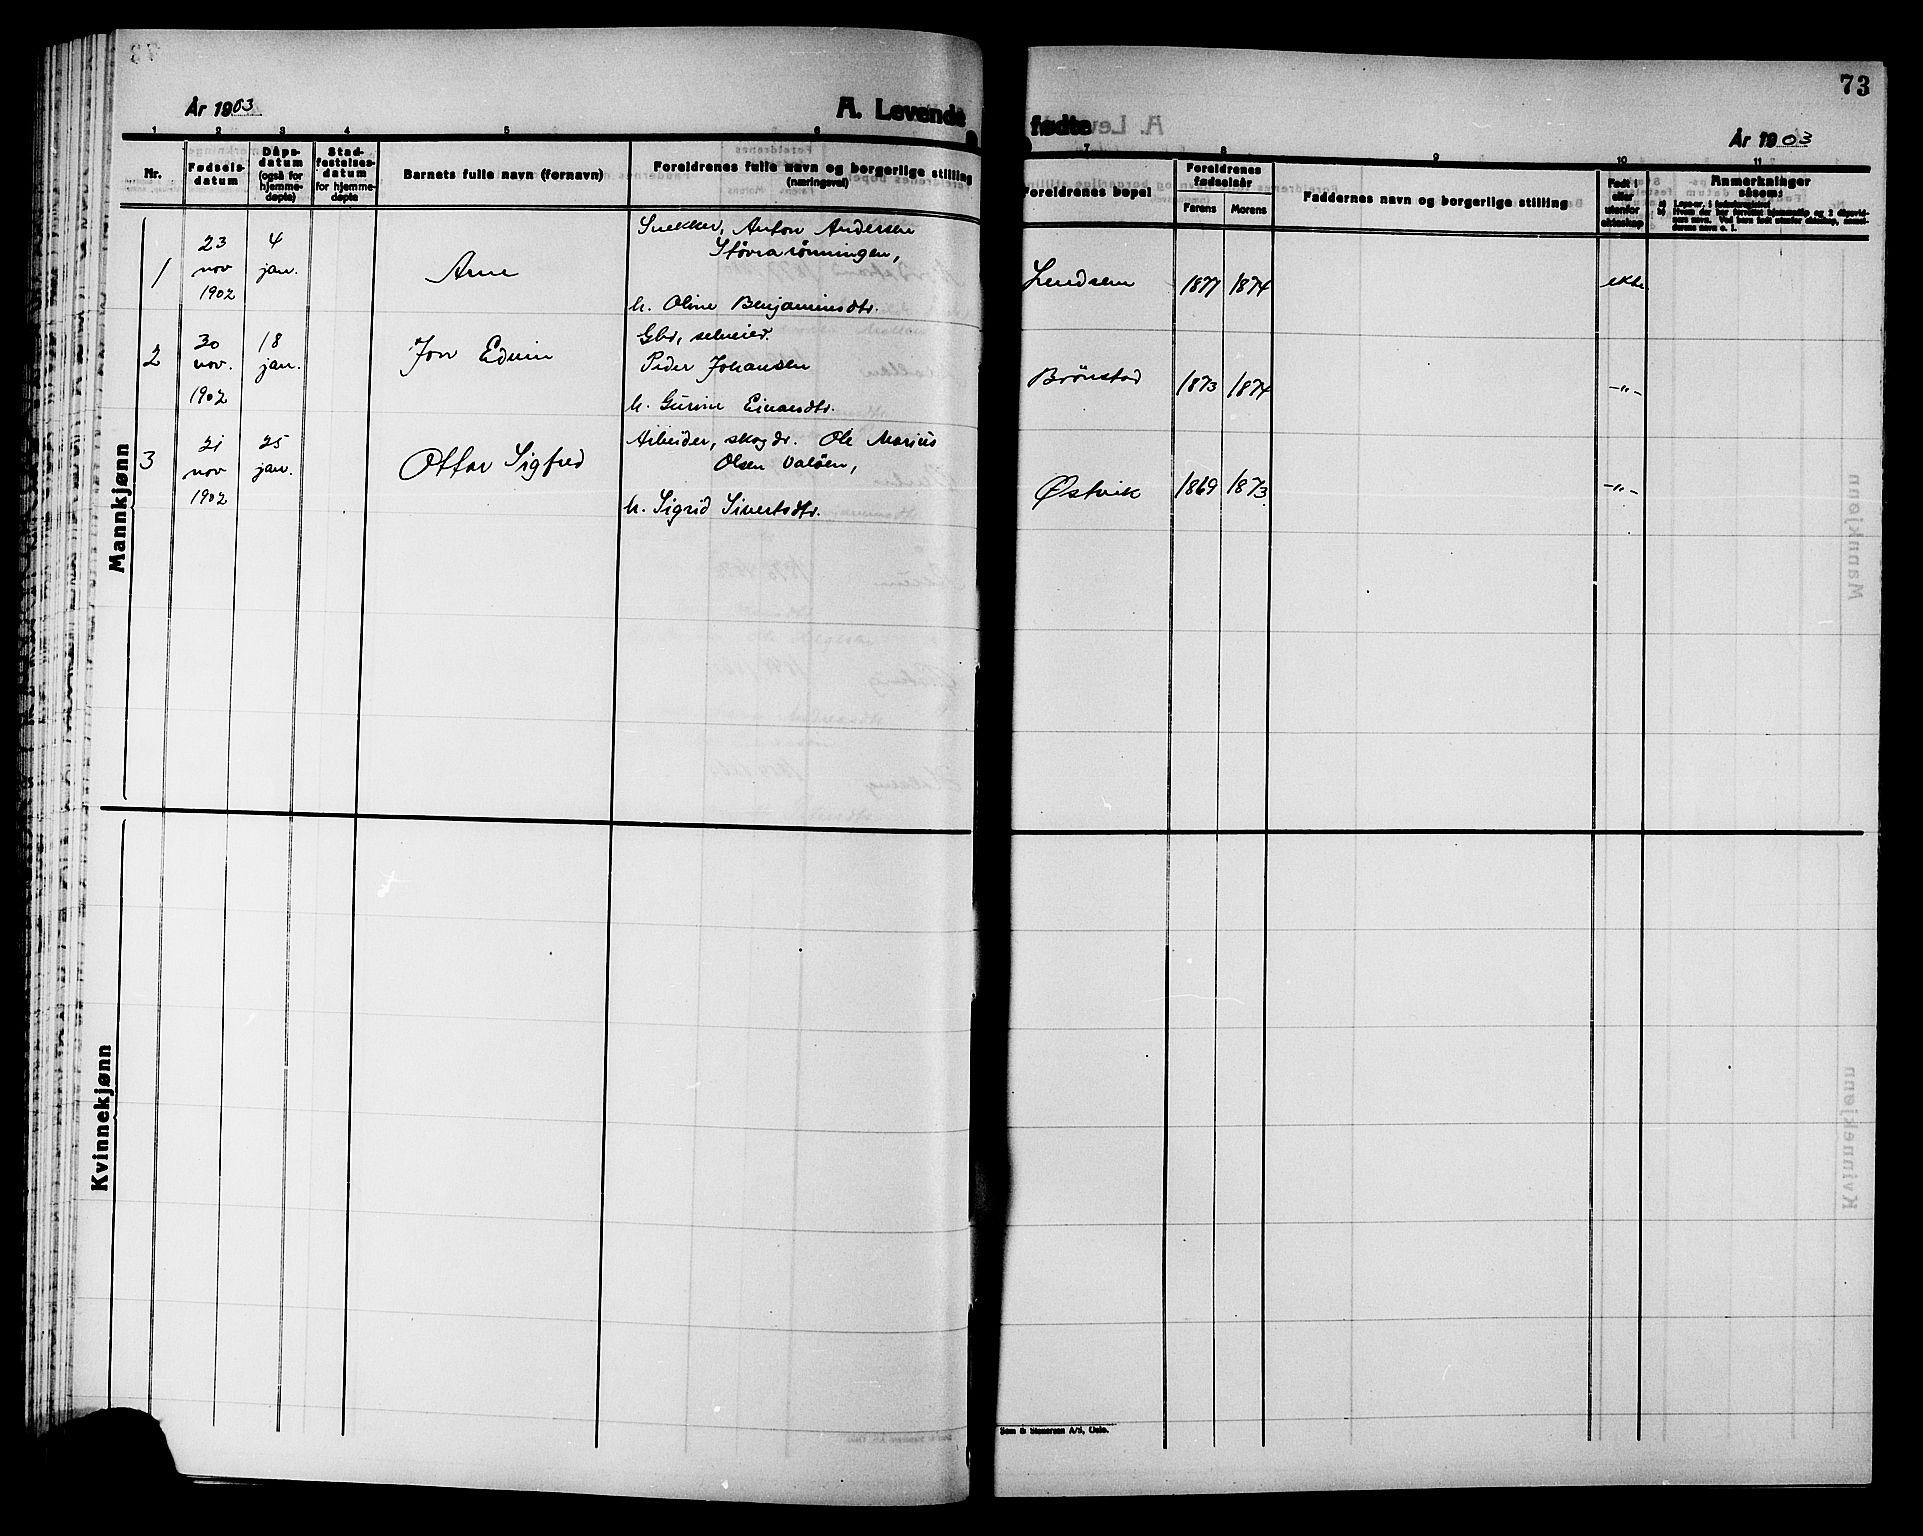 SAT, Ministerialprotokoller, klokkerbøker og fødselsregistre - Nord-Trøndelag, 749/L0487: Ministerialbok nr. 749D03, 1887-1902, s. 73